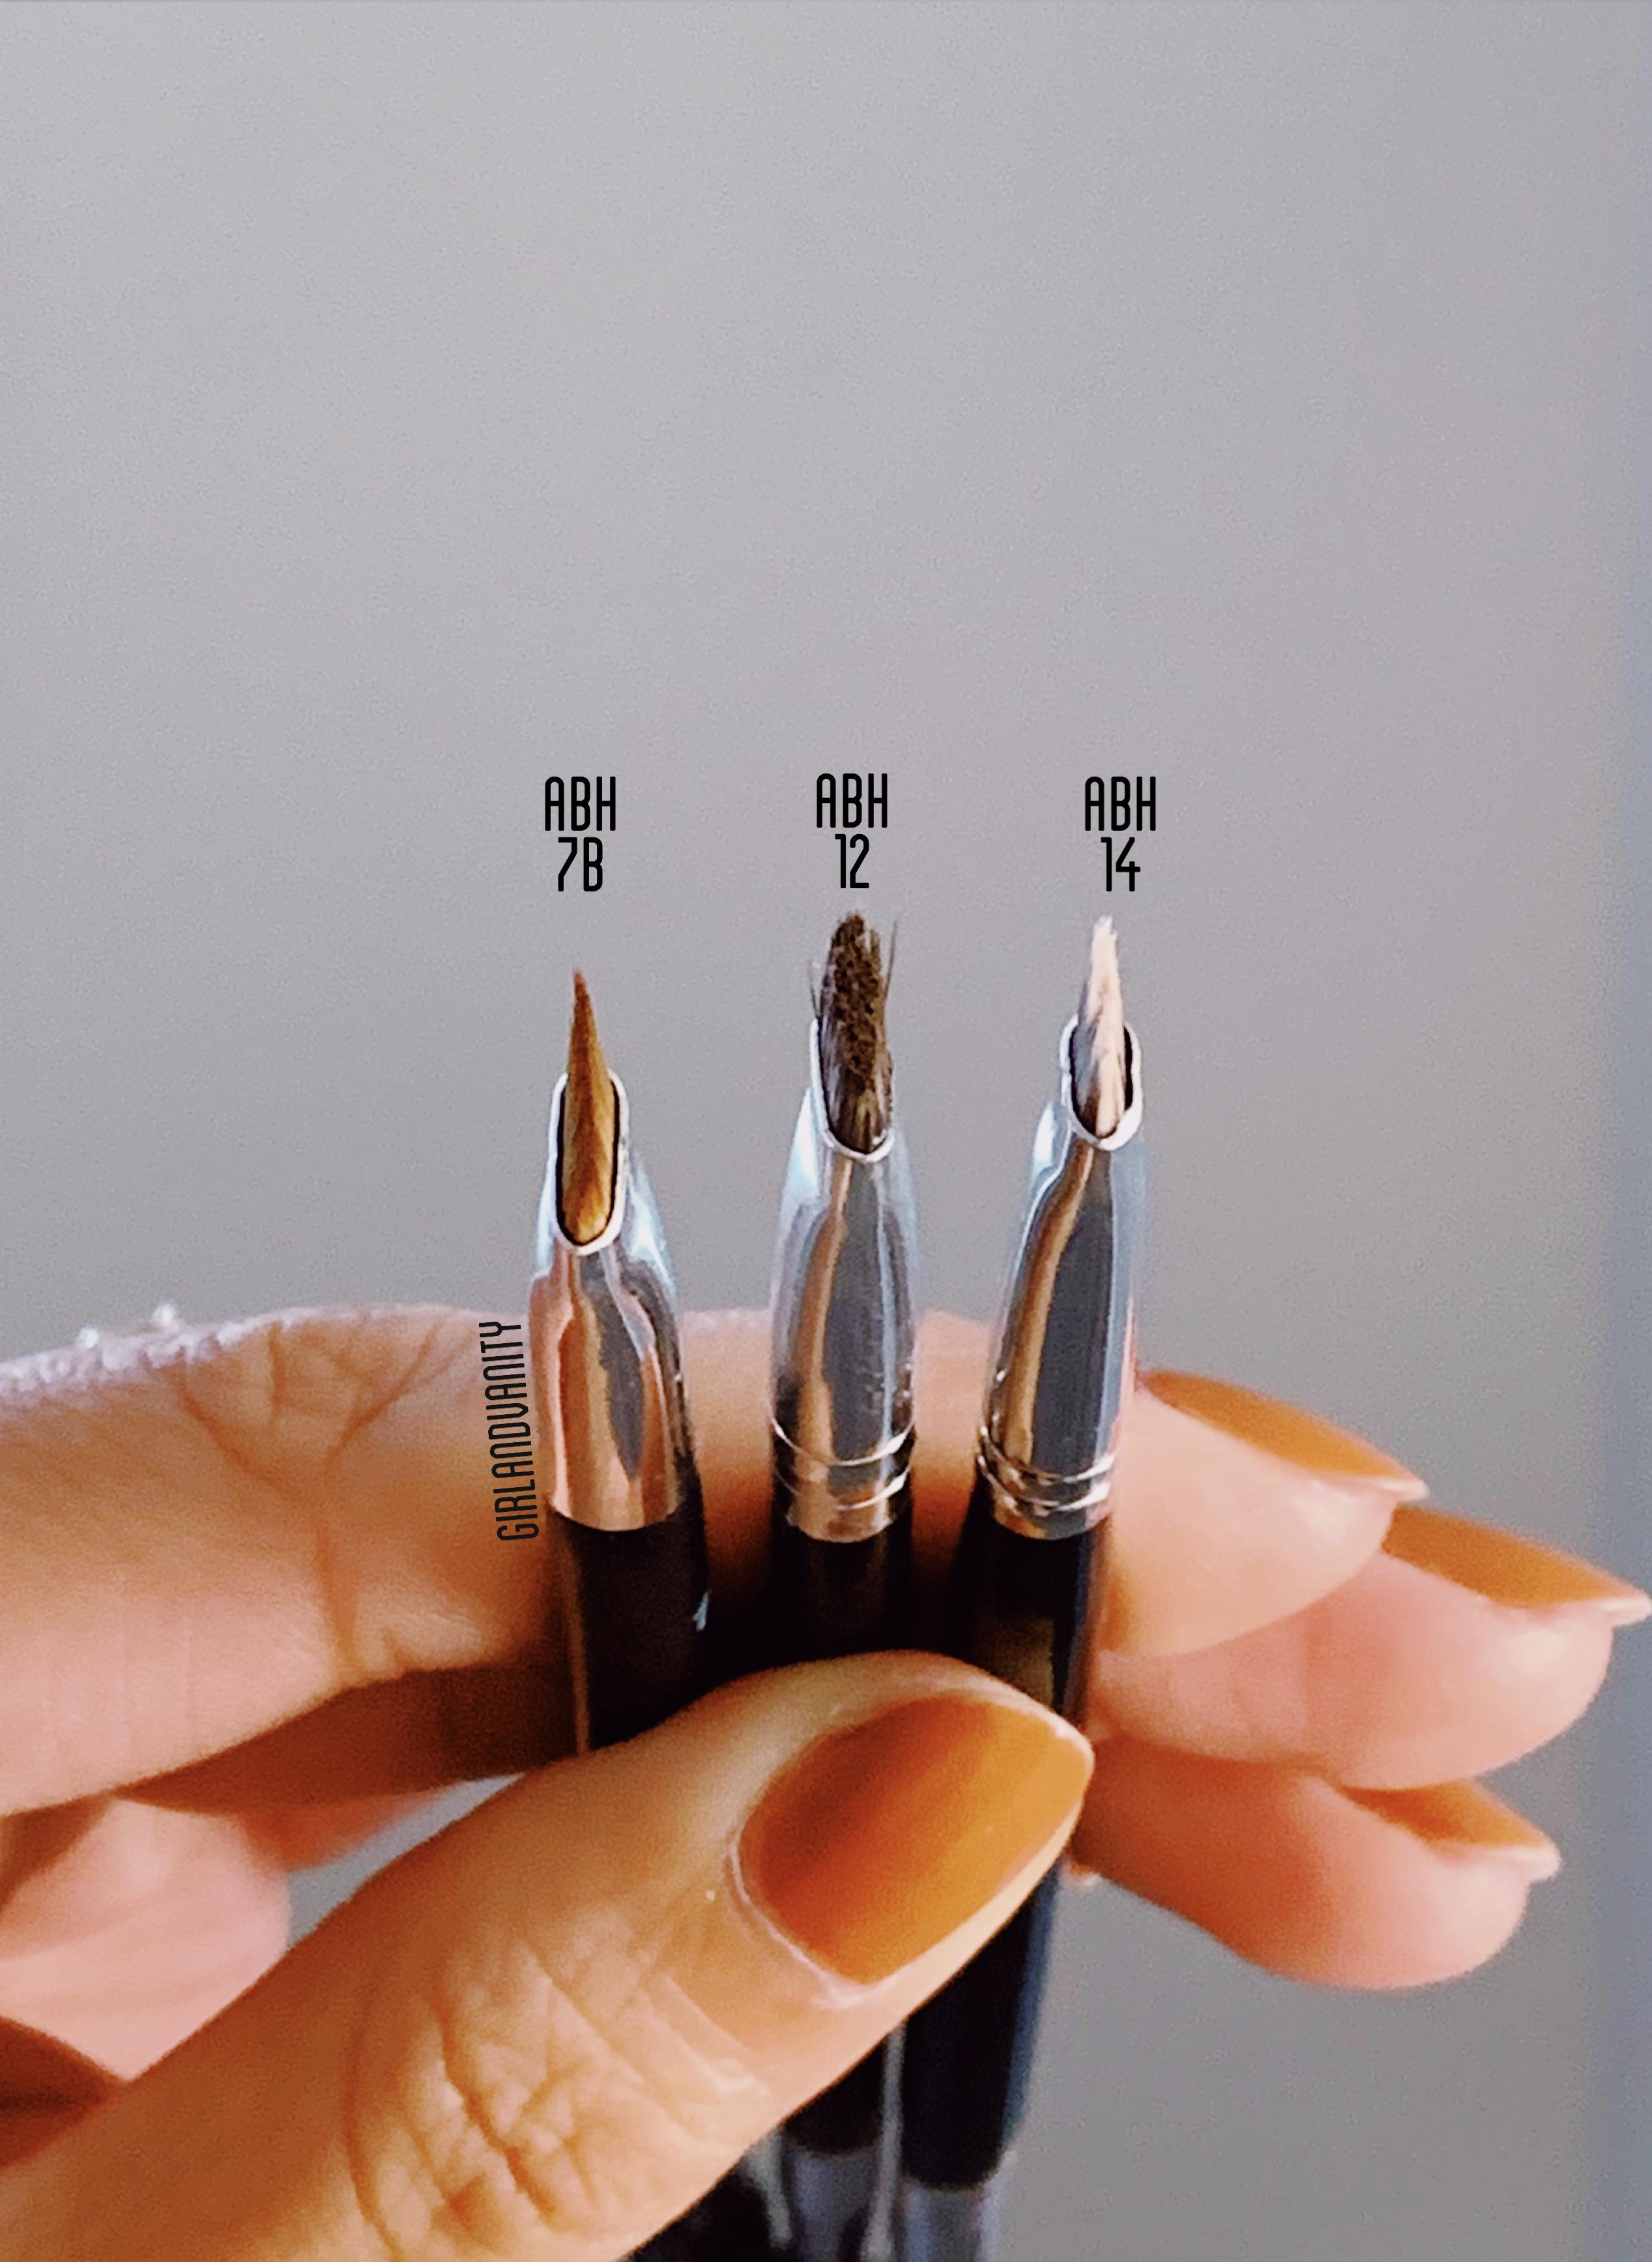 ABH brow brush 12 vs 14 vs 7B